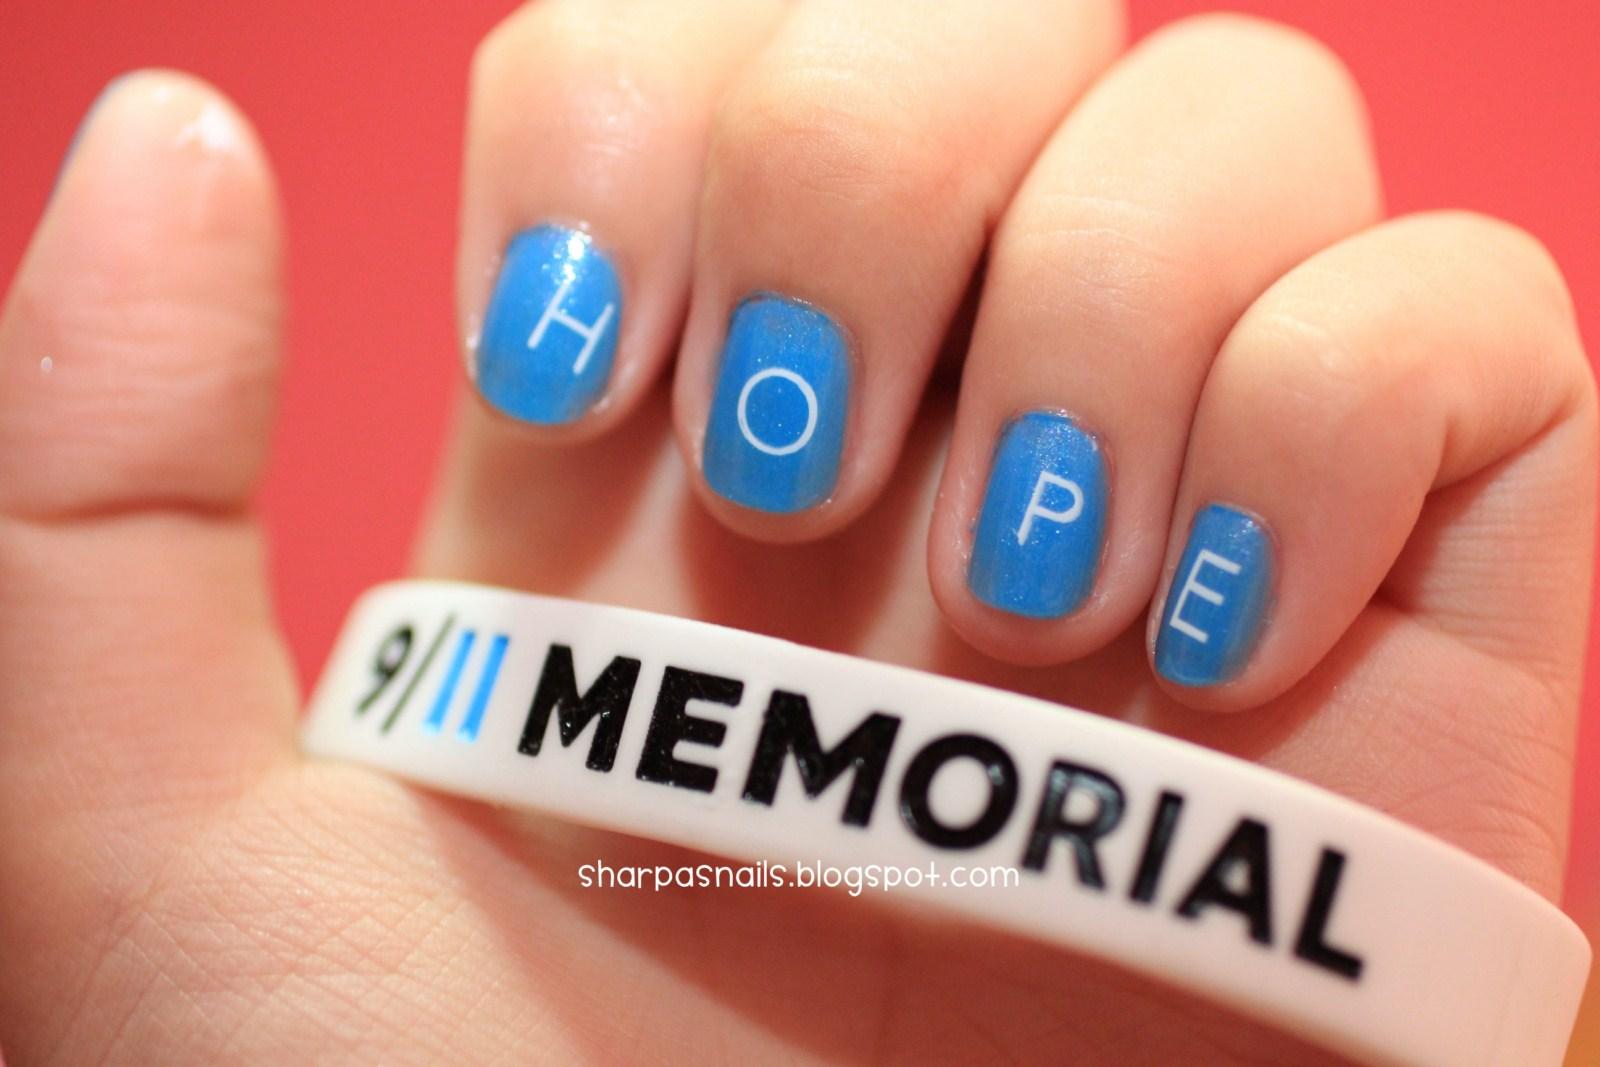 sharp as nails (a nail art blog): 9/11 tribute nail art